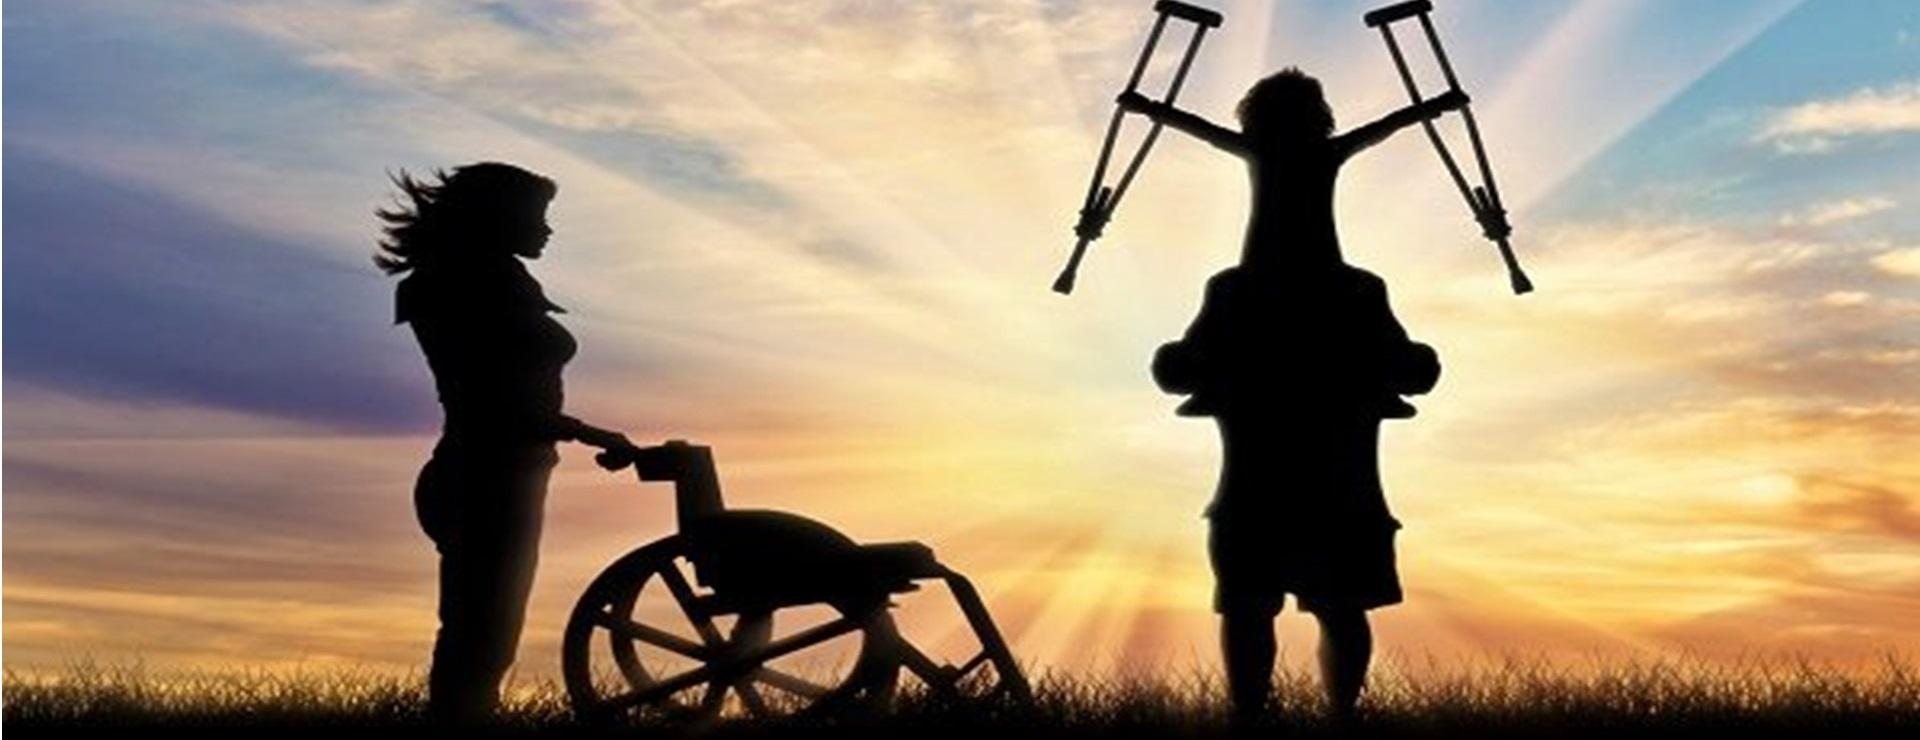 Engellenmiş Ebeveynlik; Engelli Birey Ebeveyni Olmak